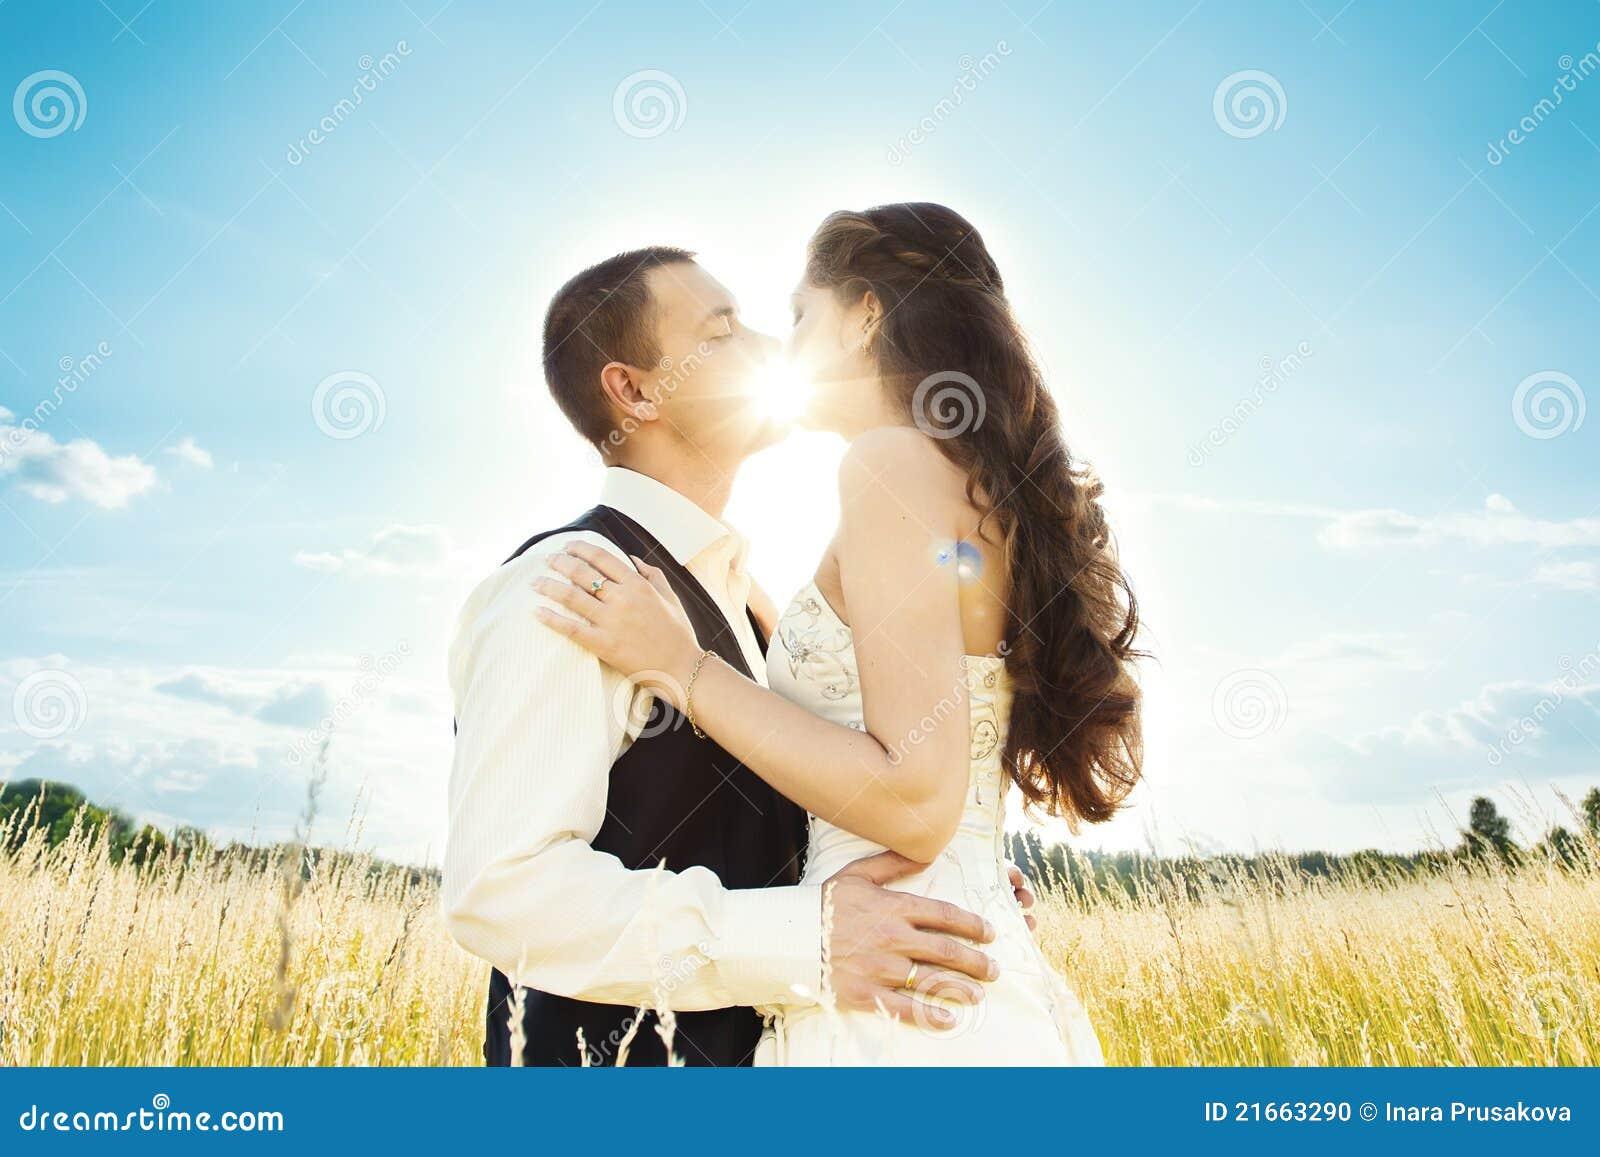 sunny kiss photo